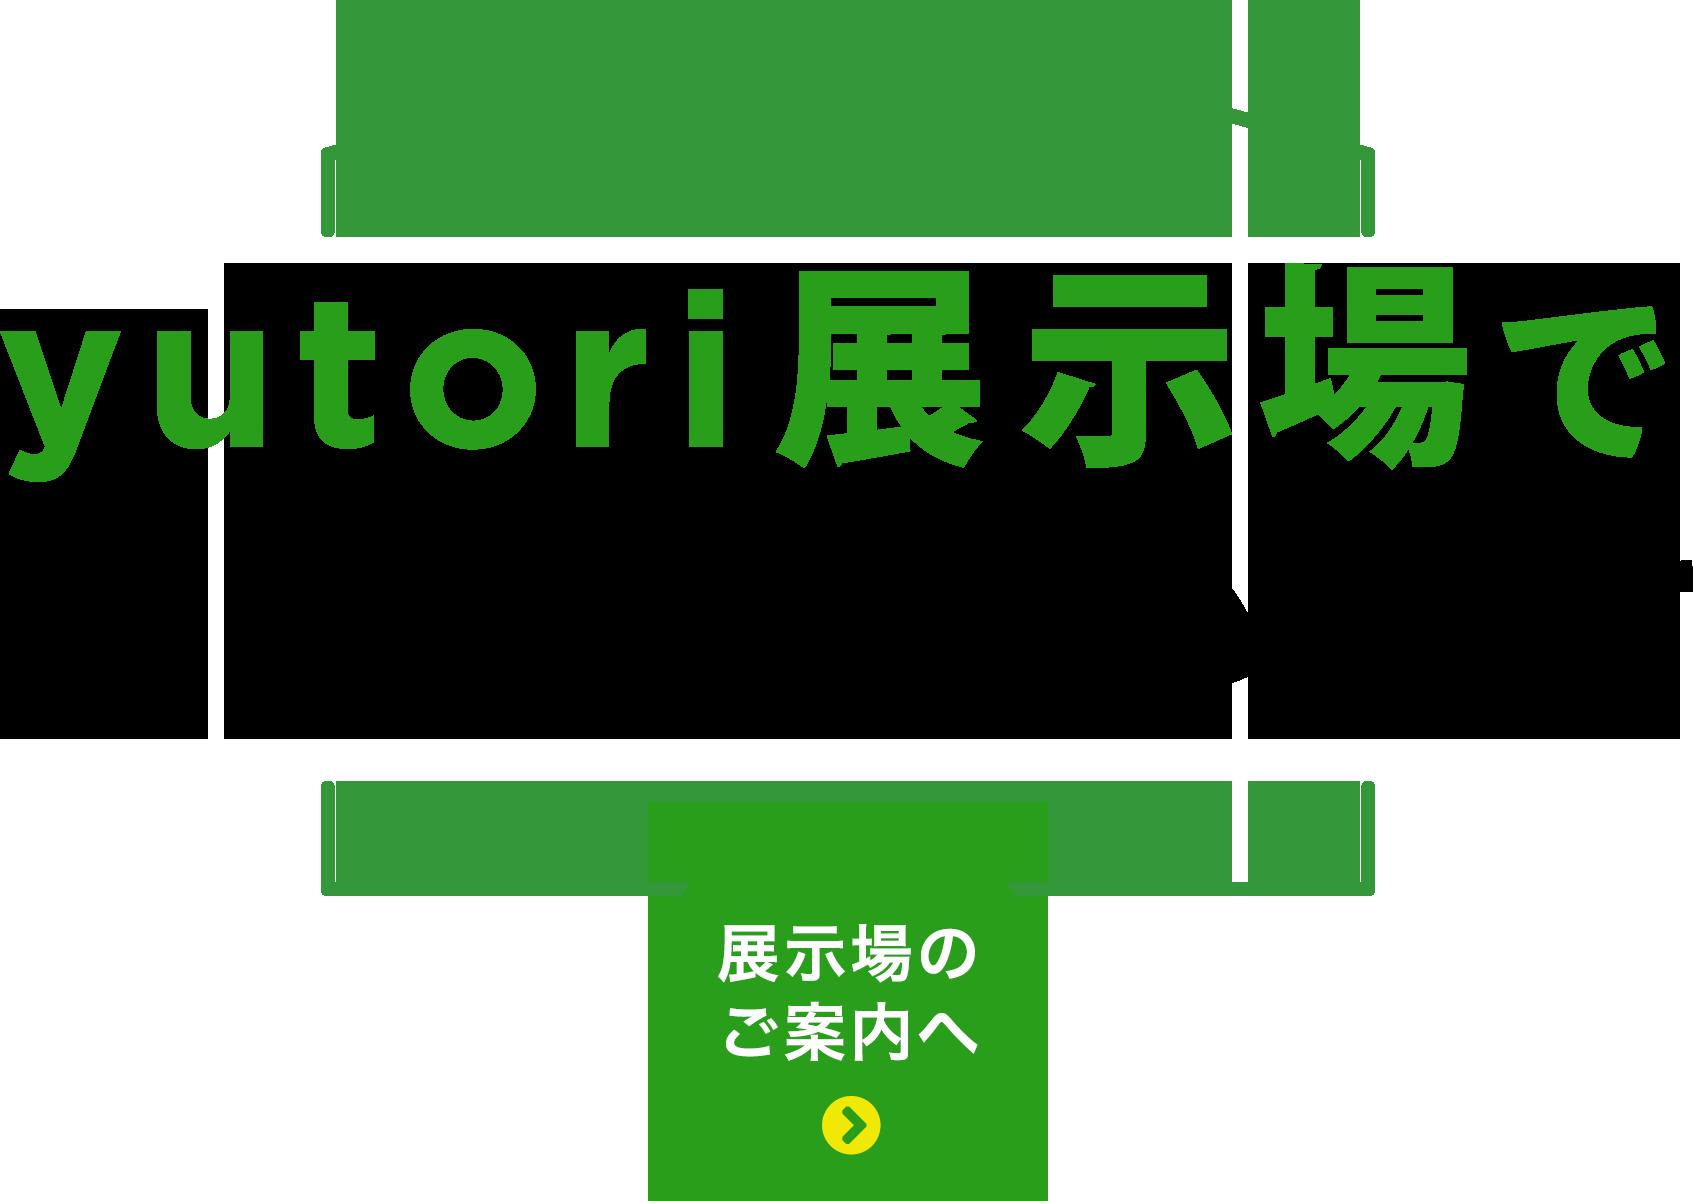 yutori展示場でお待ちしています